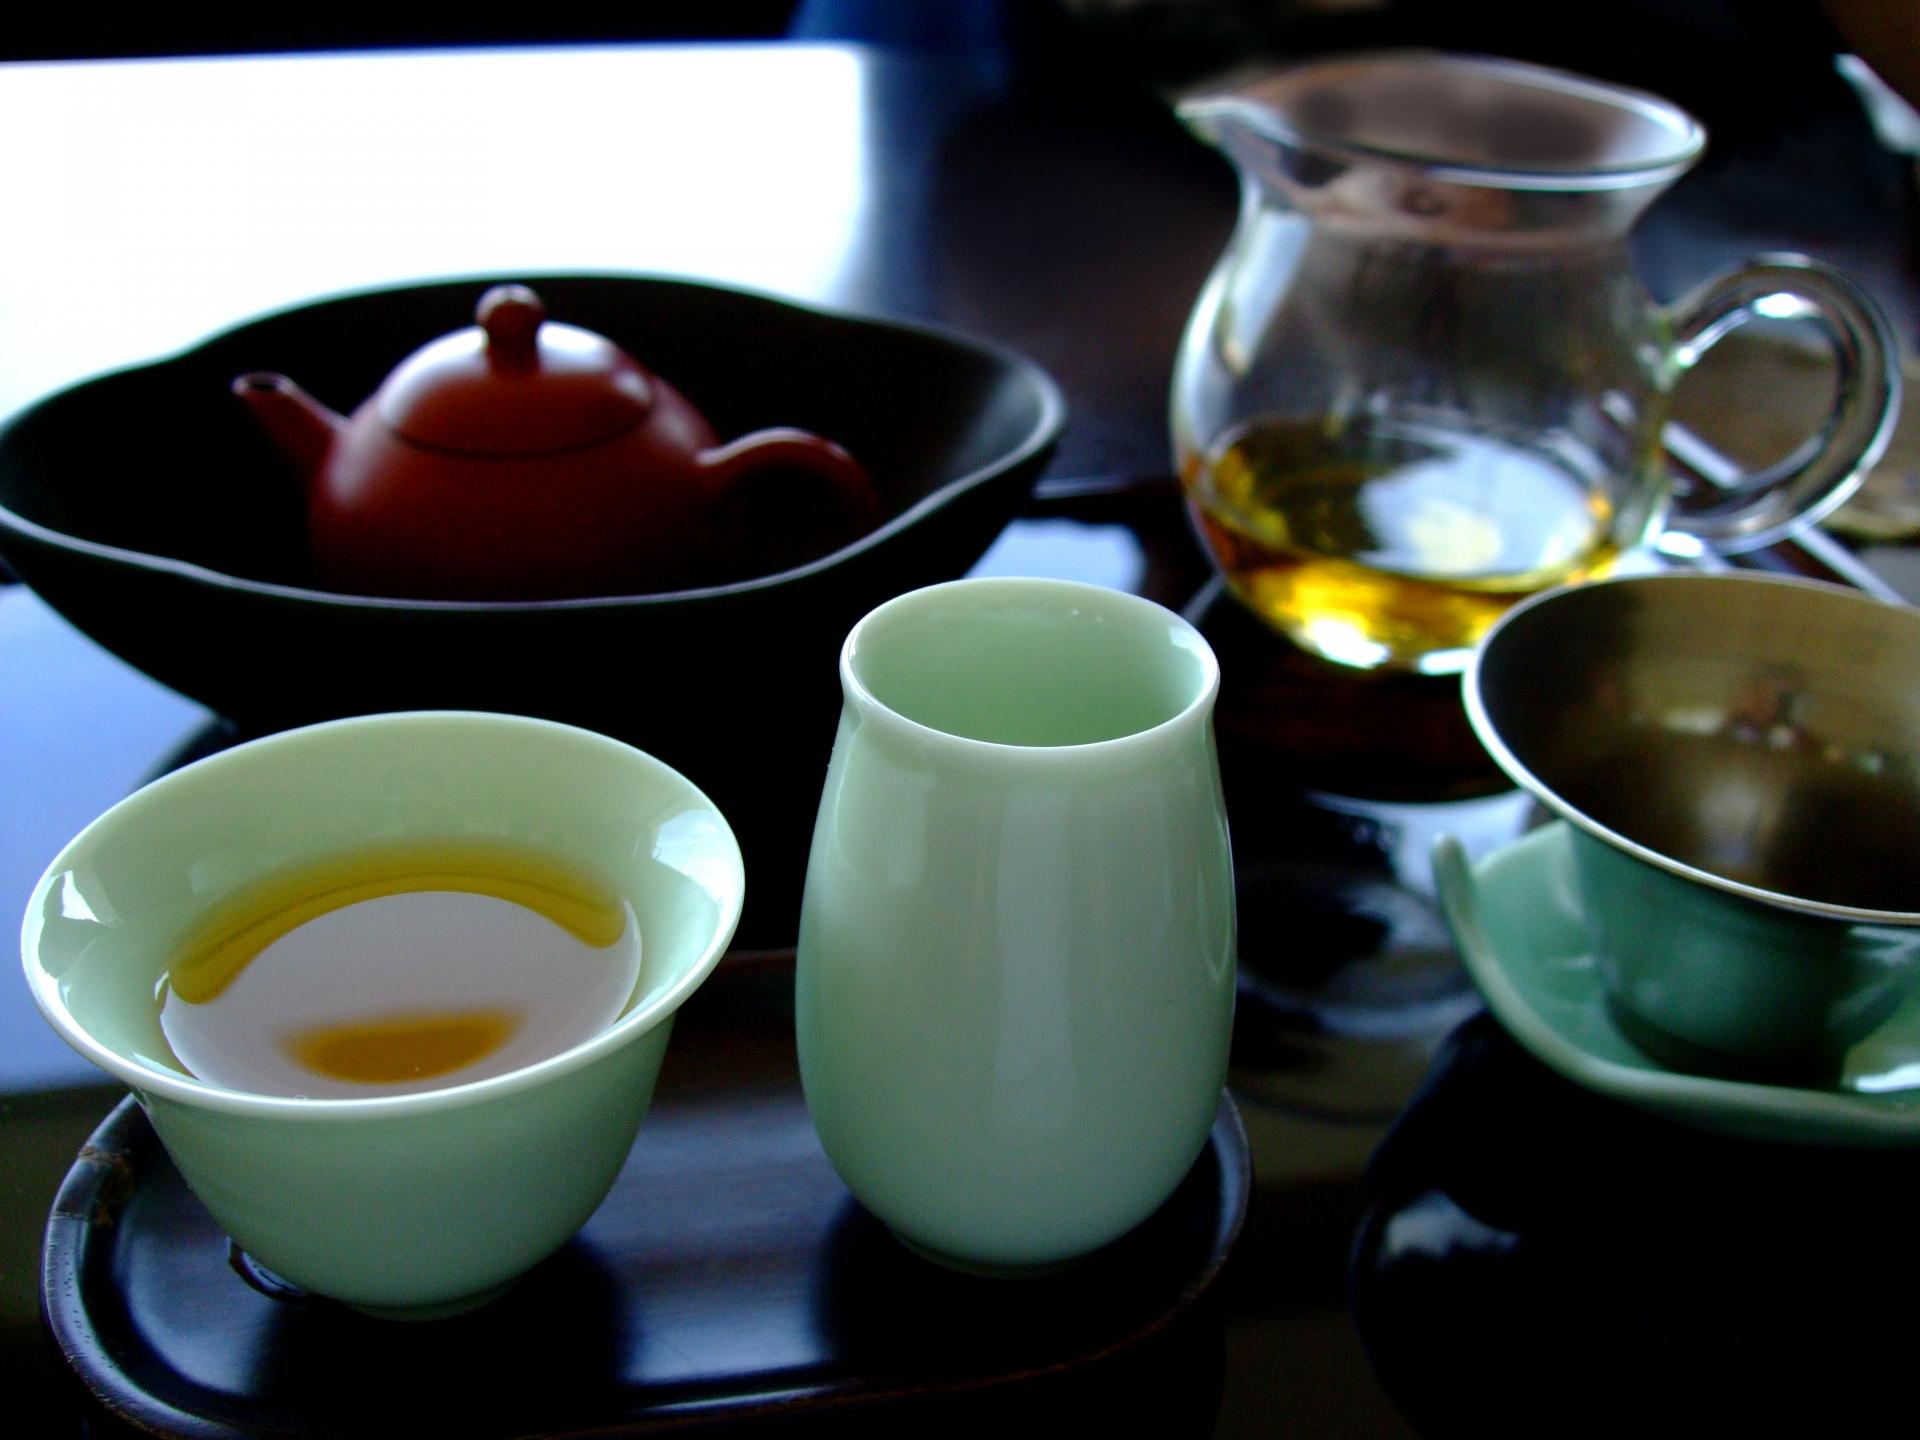 中国茶のおすすめ10選!緑茶・白茶・花茶などの種類も